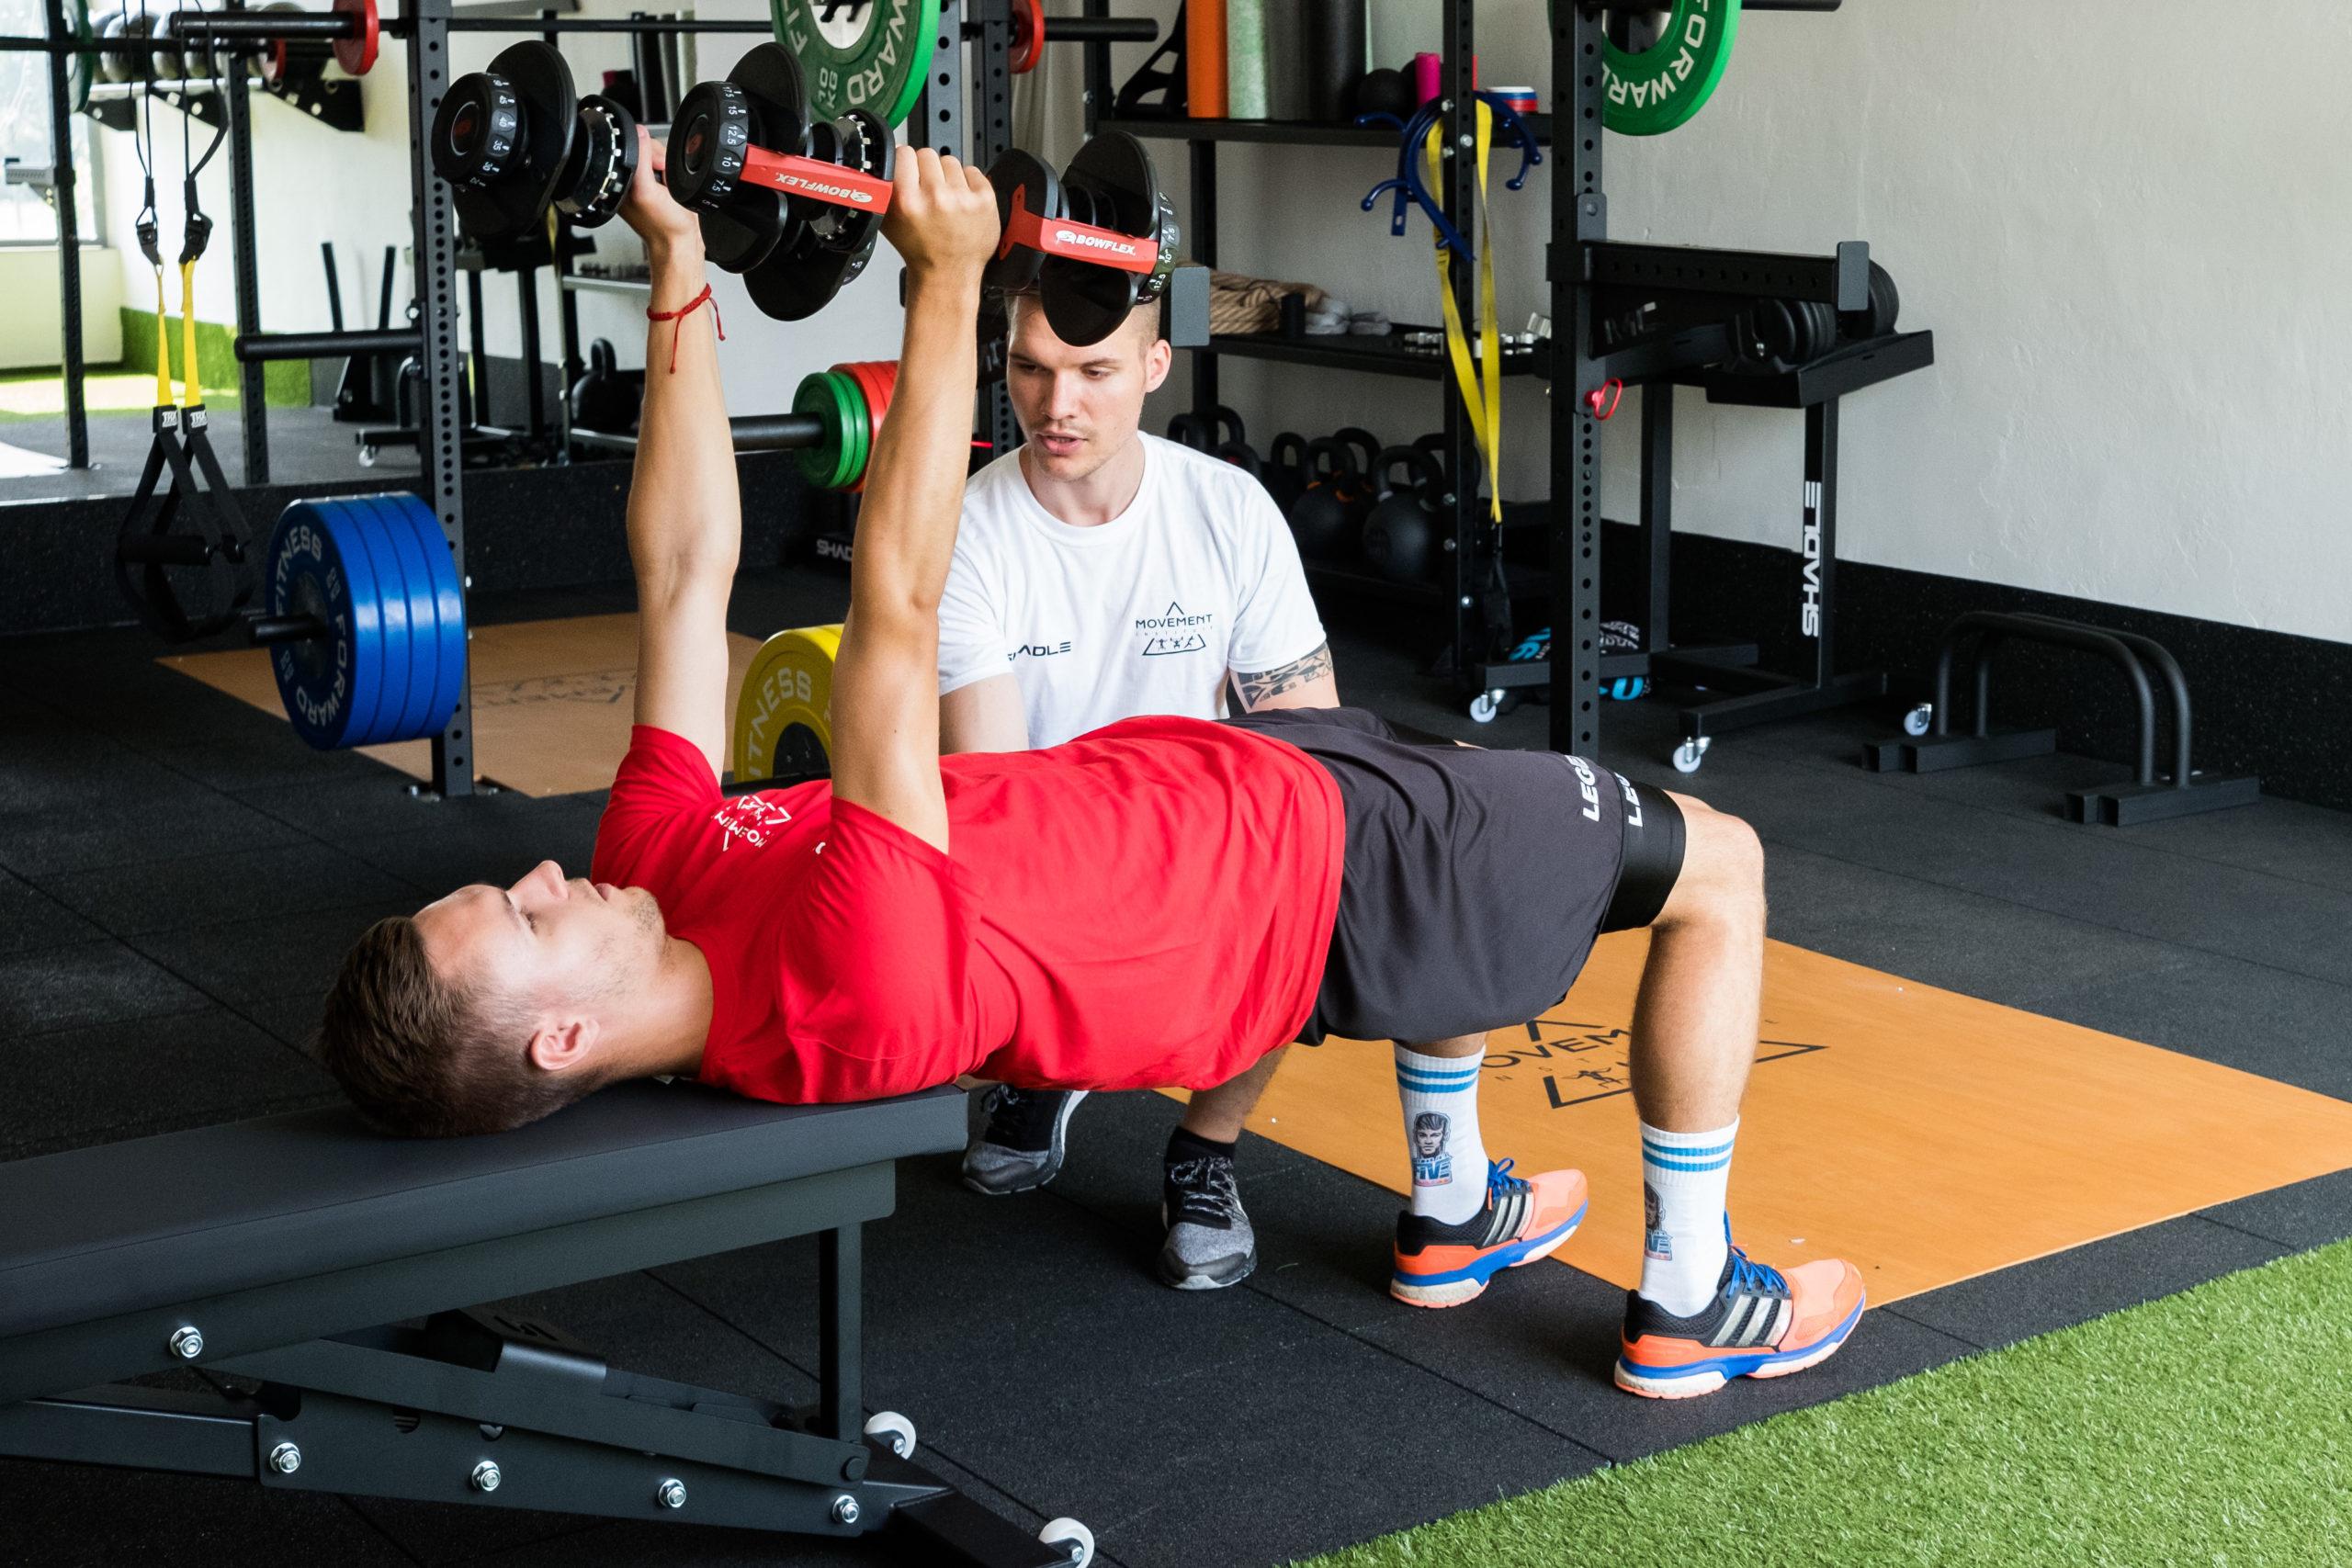 osobný tréner fitness centrum technika cvičenia tlak na lavičke futbalista výbušnosť športový výkon Movement institute